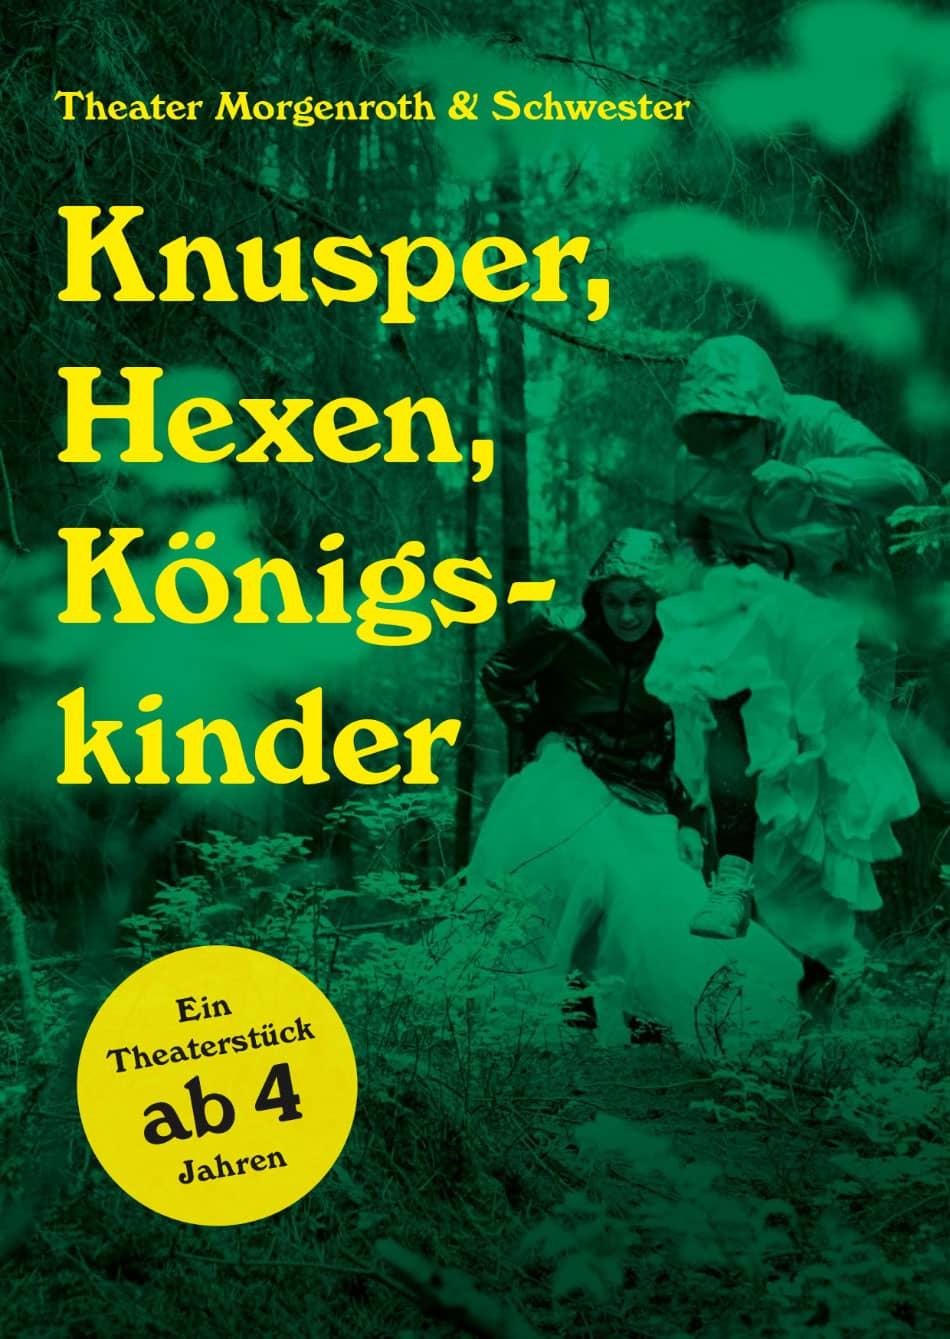 Flyer Knusper, Hexen, Königskinder